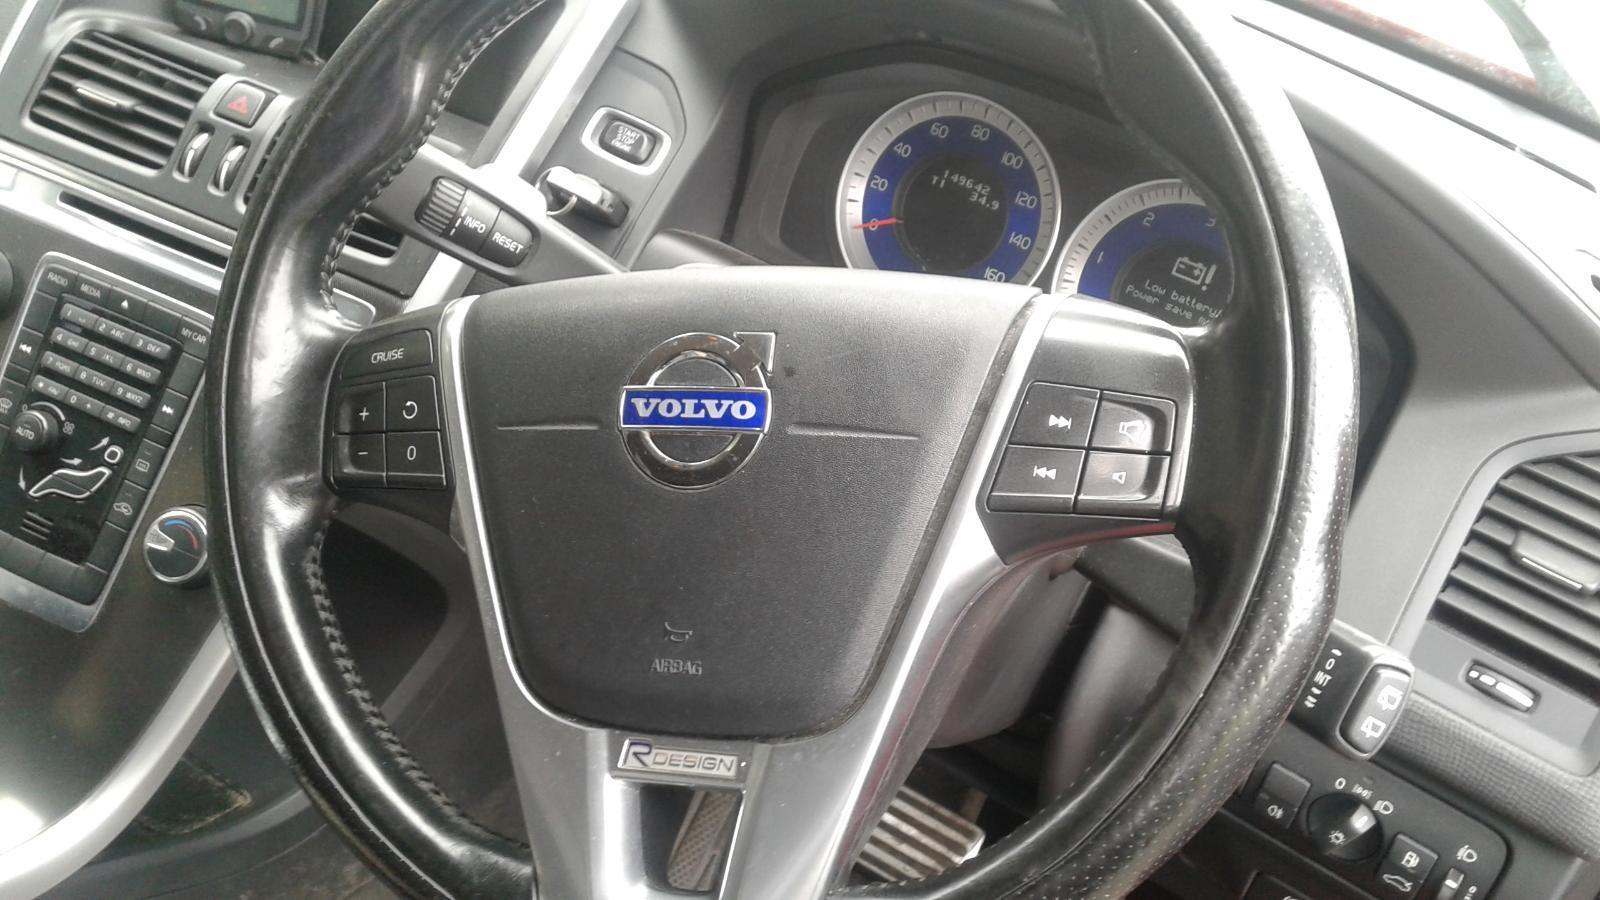 2011 VOLVO XC60 Image